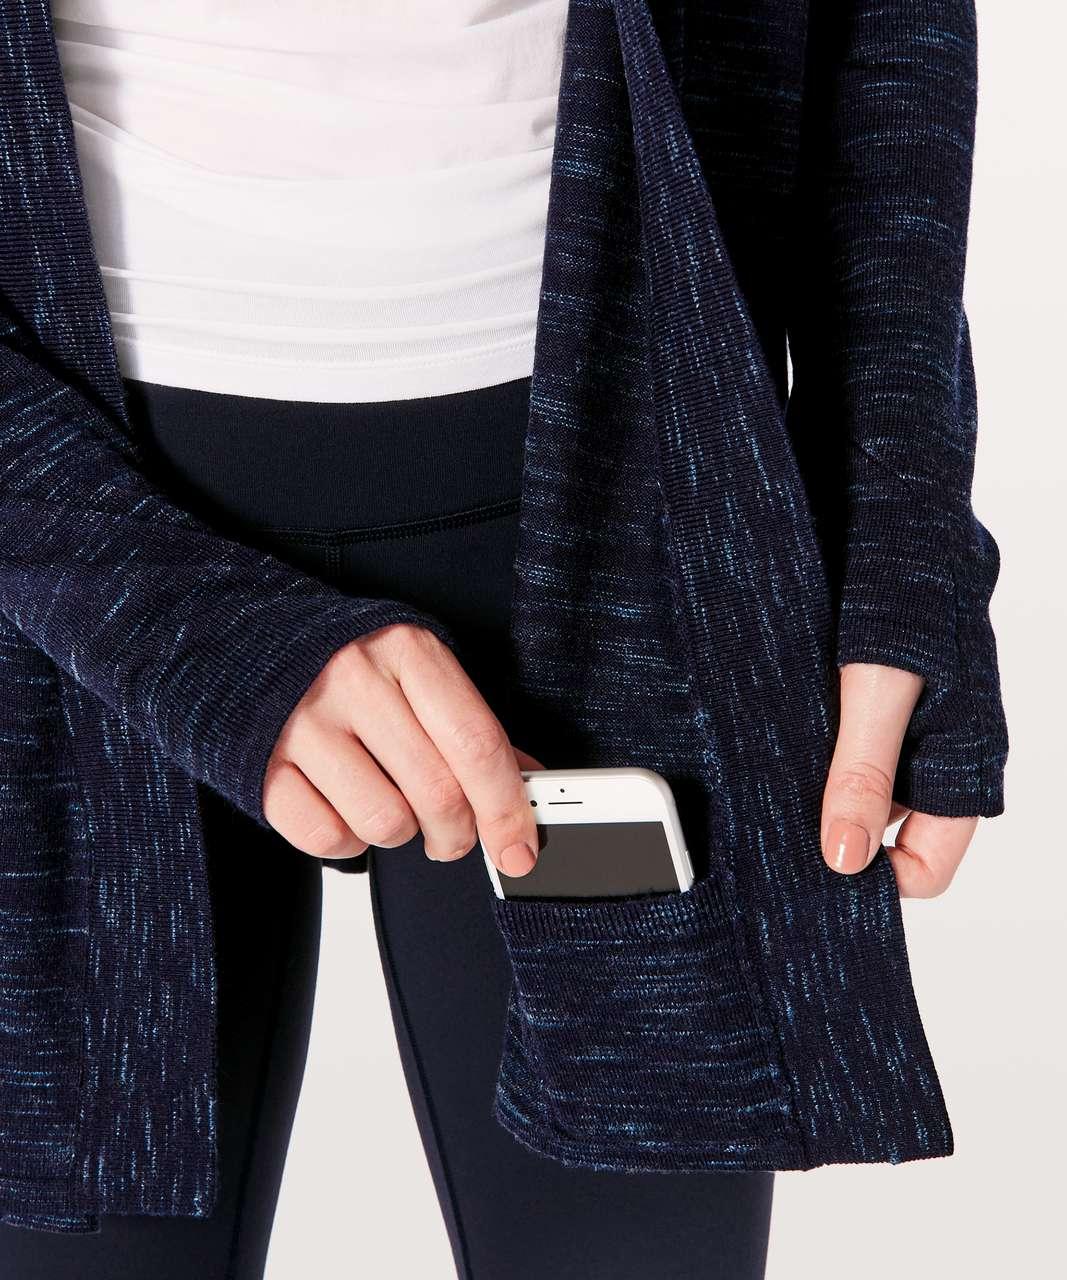 Lululemon Blissful Zen Sweater - Midnight Navy / Magnetic Blue